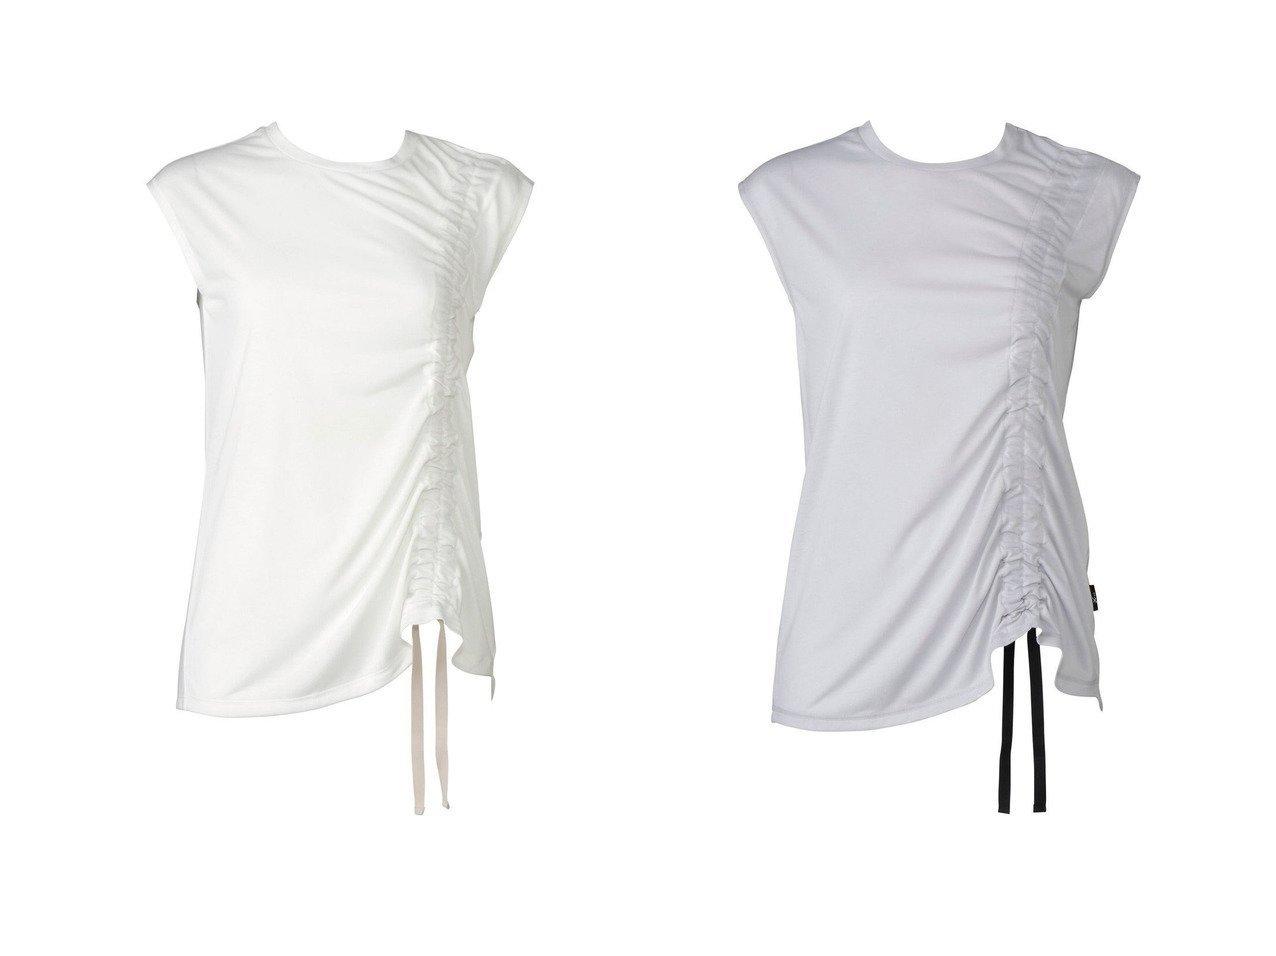 【CW-X/シーダブリューエックス】の【WOMEN】アウター トップス 半袖ワコール DFY520 【スポーツウェア・ヨガ・フィットネス・ダイエット】おすすめ!人気、トレンド・レディースファッションの通販 おすすめで人気の流行・トレンド、ファッションの通販商品 インテリア・家具・メンズファッション・キッズファッション・レディースファッション・服の通販 founy(ファニー) https://founy.com/ ファッション Fashion レディースファッション WOMEN アウター Coat Outerwear 送料無料 Free Shipping ギャザー フロント リボン ロング 半袖 |ID:crp329100000052769